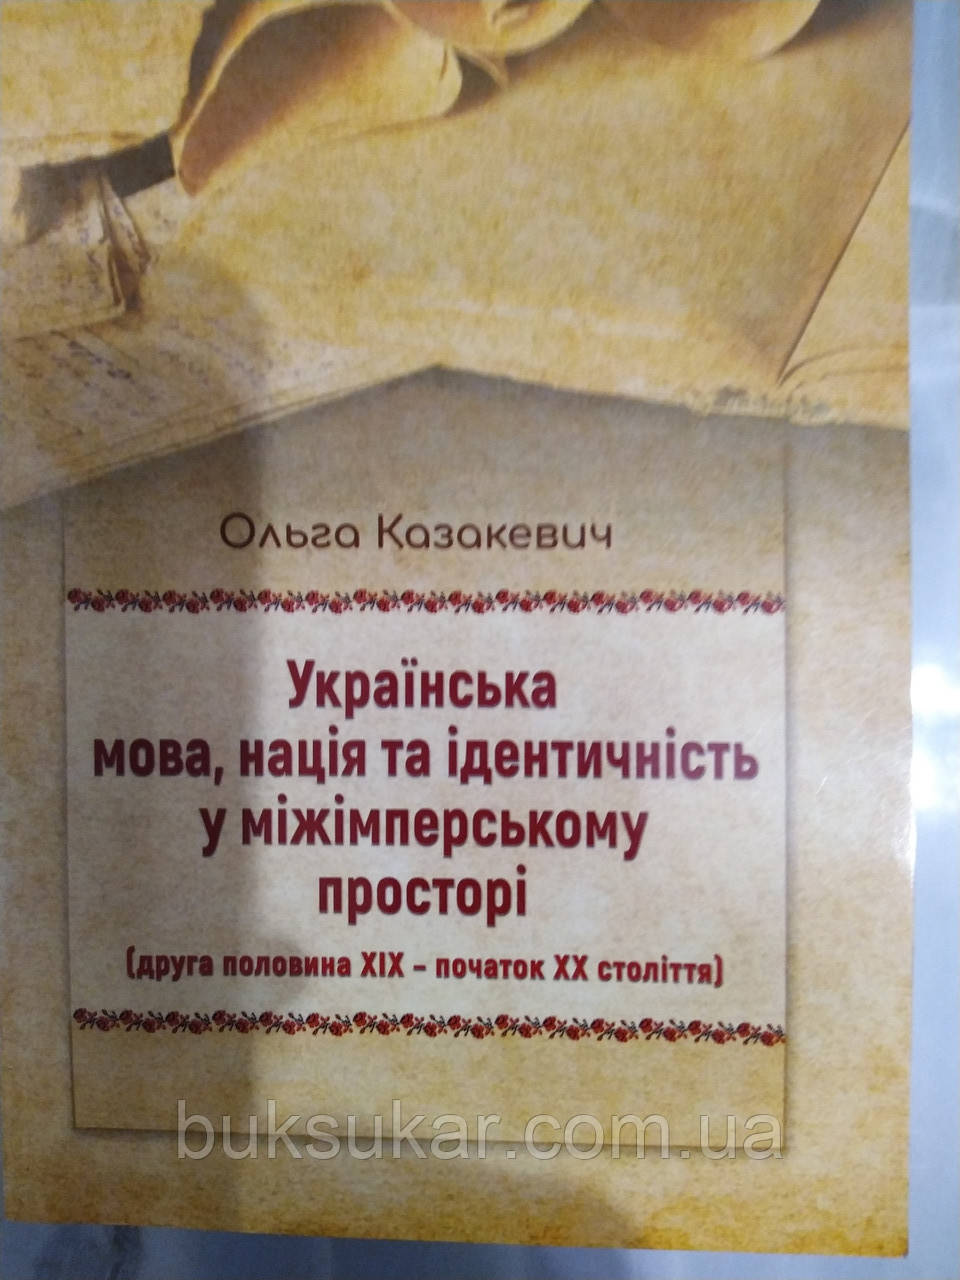 Казакевич, Ольга М.. Українська мова, нація та ідентичність у міжімперському просторі